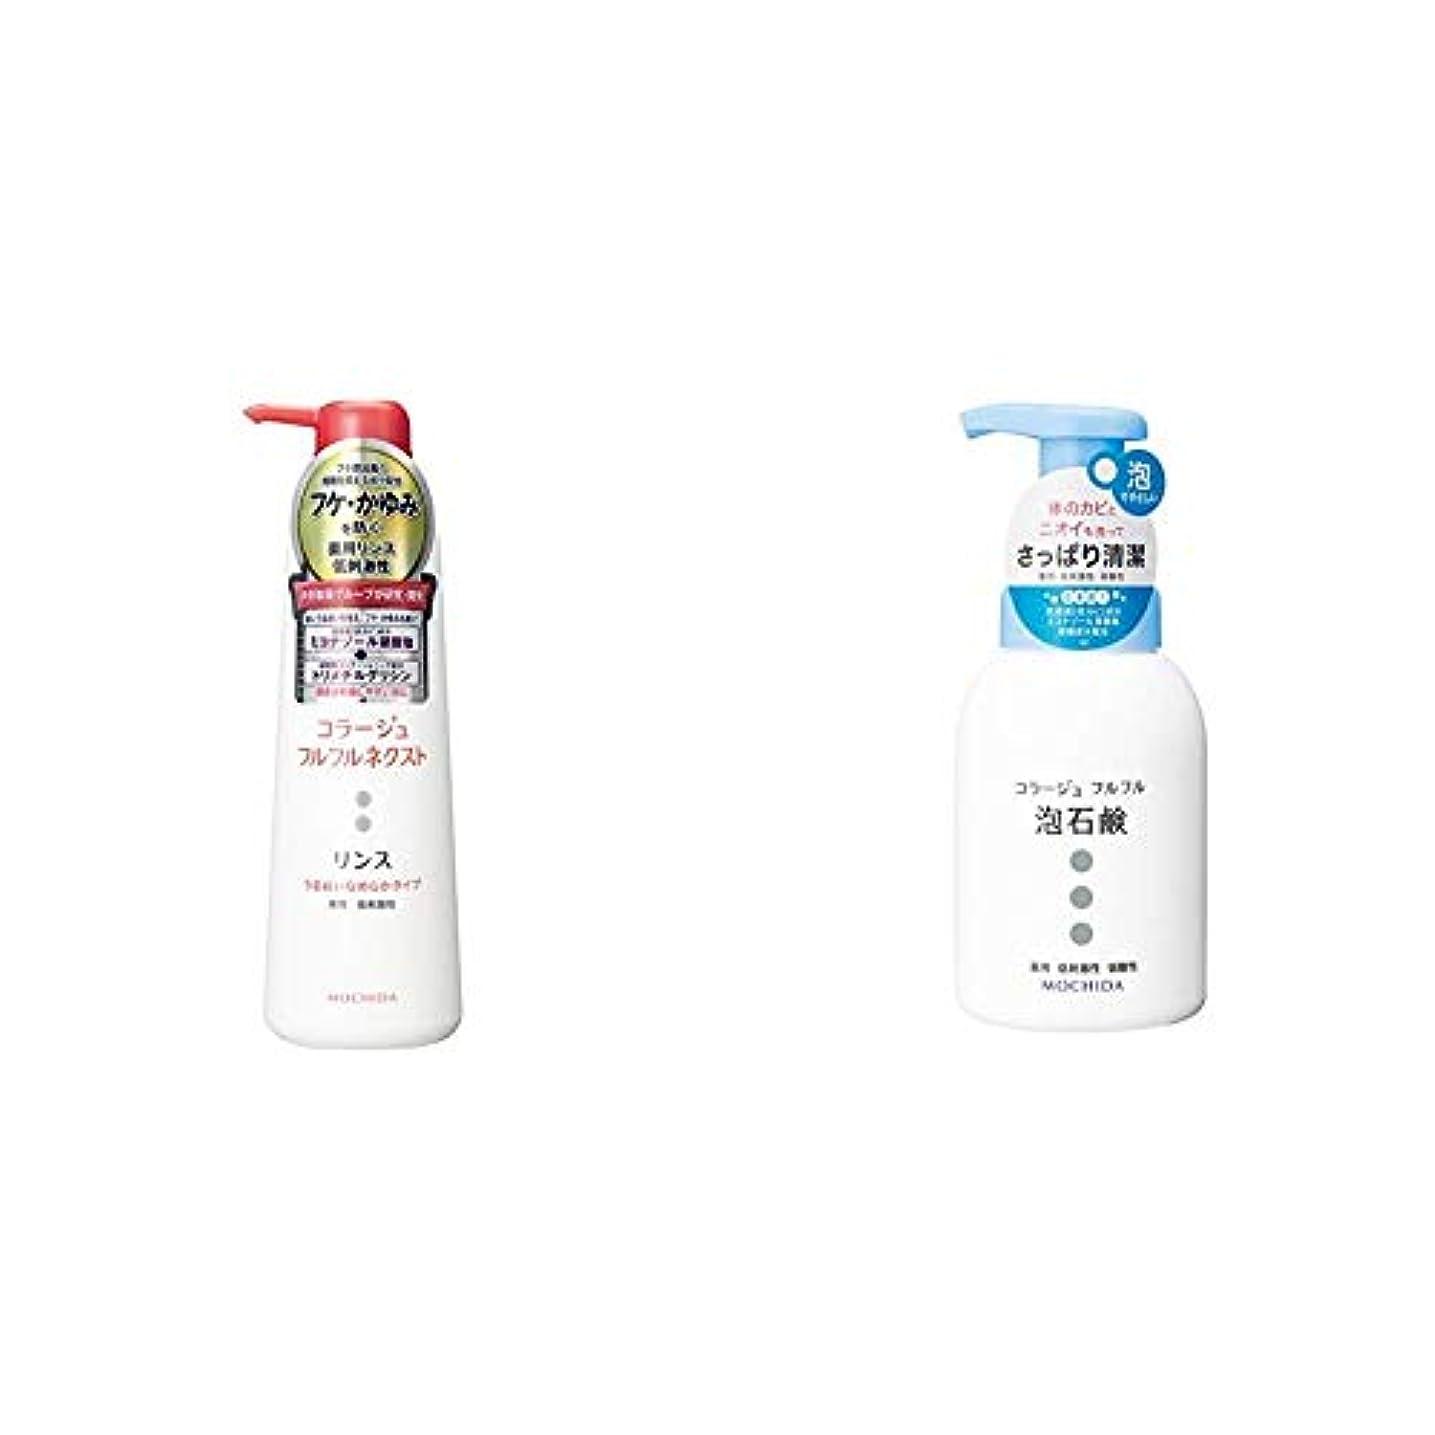 香水効果鳴り響くコラージュフルフル ネクストリンス うるおいなめらかタイプ 400mL (医薬部外品) & 泡石鹸 300mL (医薬部外品)